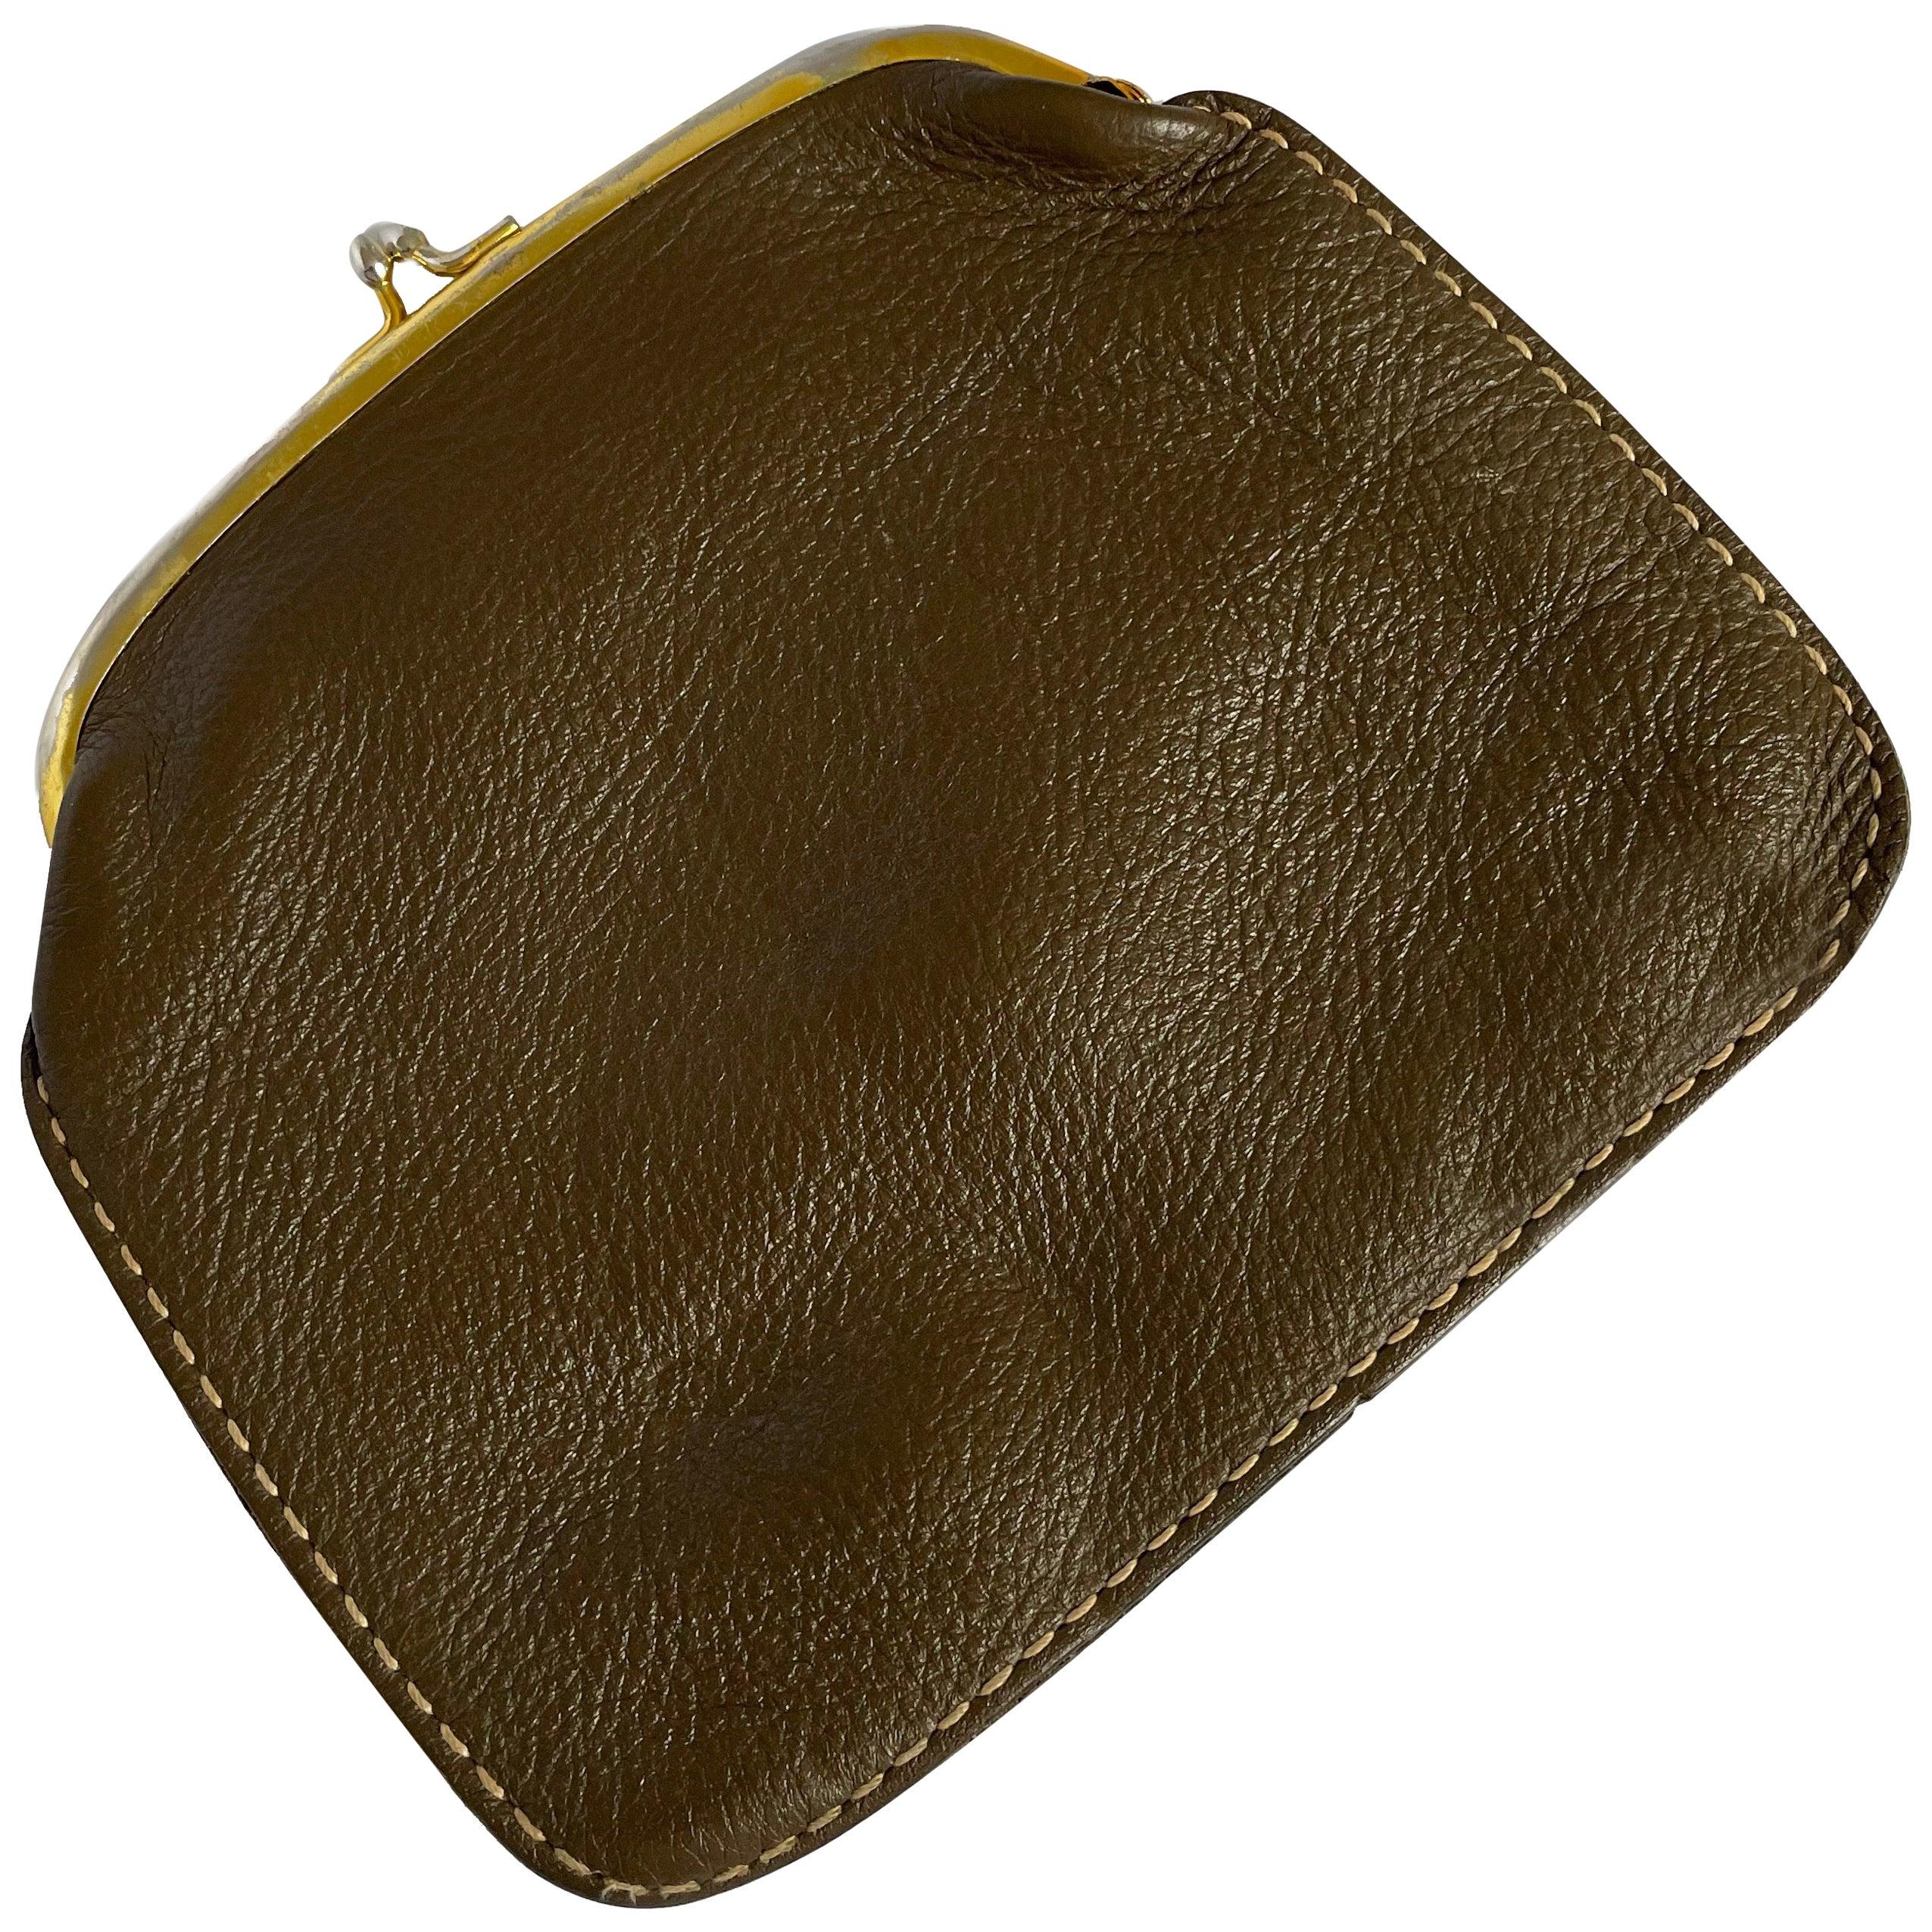 Bonnie Cashin for Coach Pouch Wallet Cashin Carry Kiss Lock Coin Purse HTF Mocha